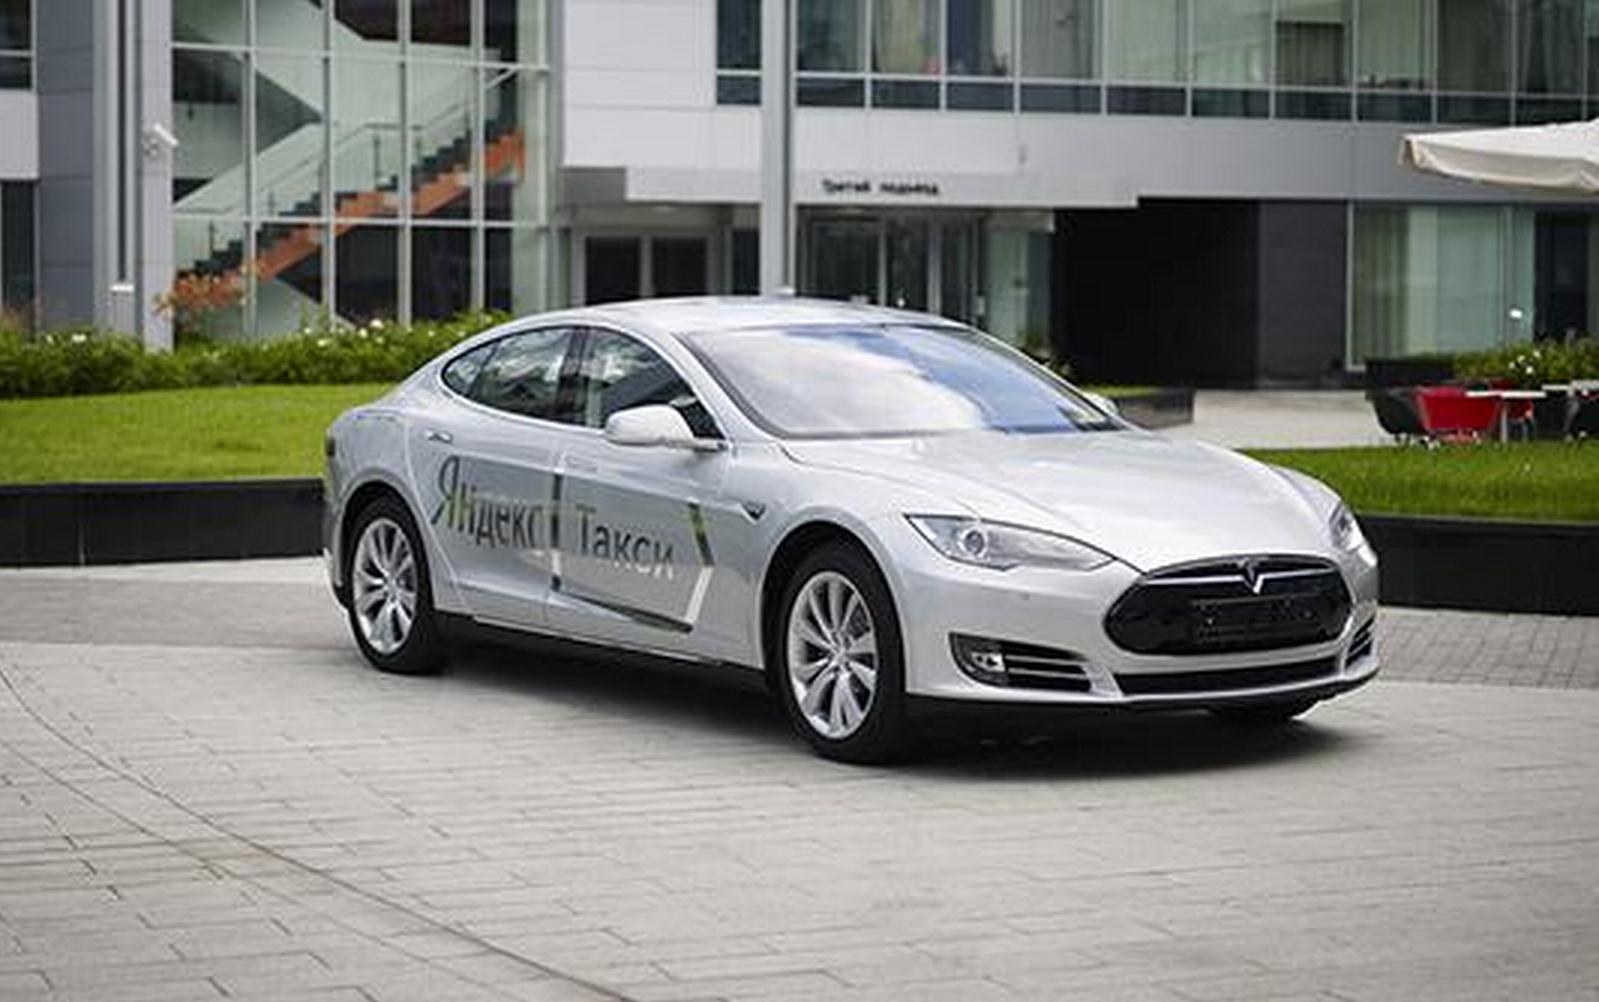 В автопарке «Яндекс.Такси» появились два электромобиля Tesla